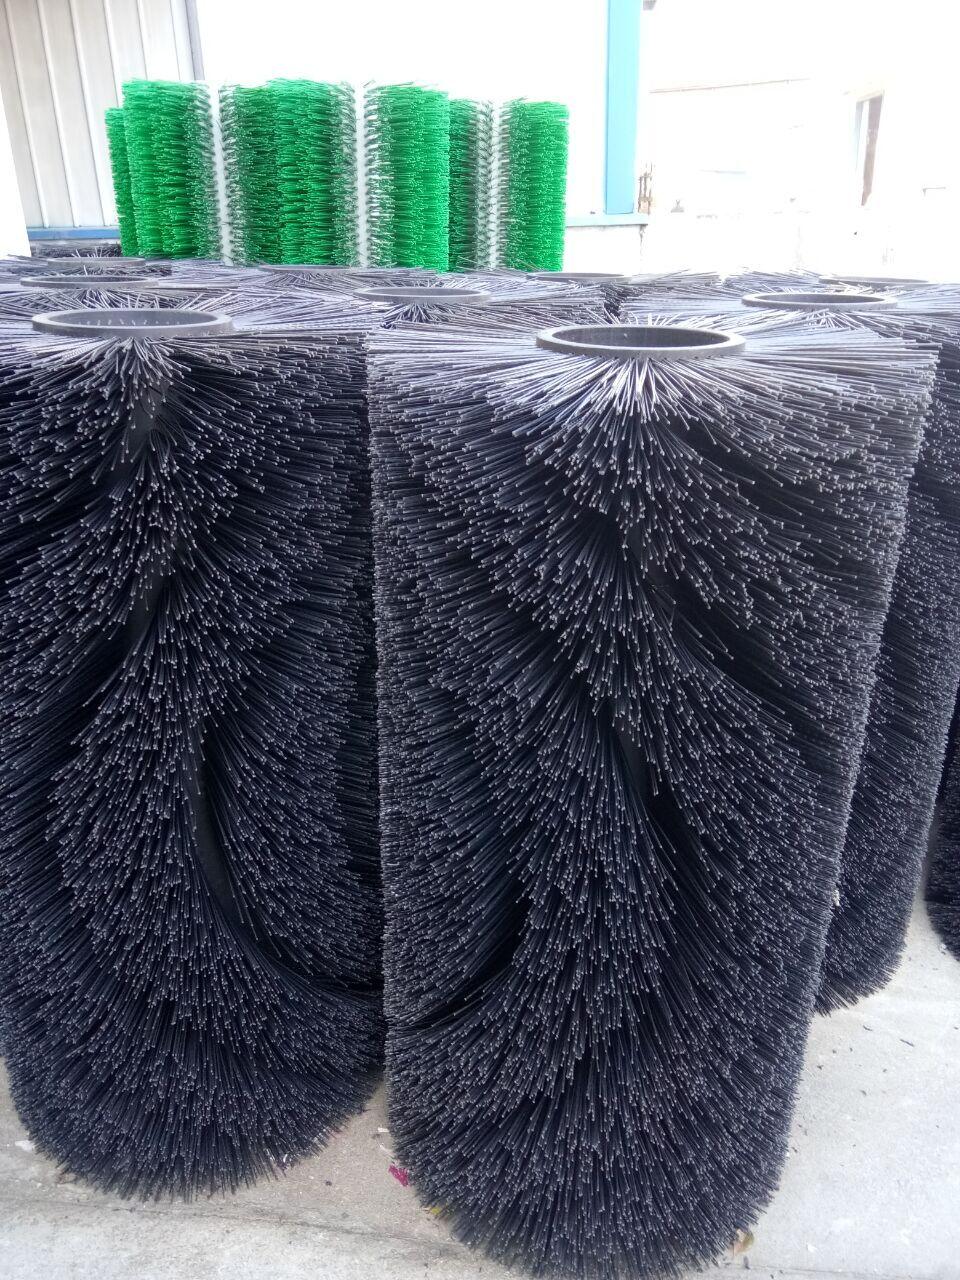 厂家直销清洗机毛刷辊 磨料丝毛刷辊 大型毛刷辊 非标定制毛刷辊